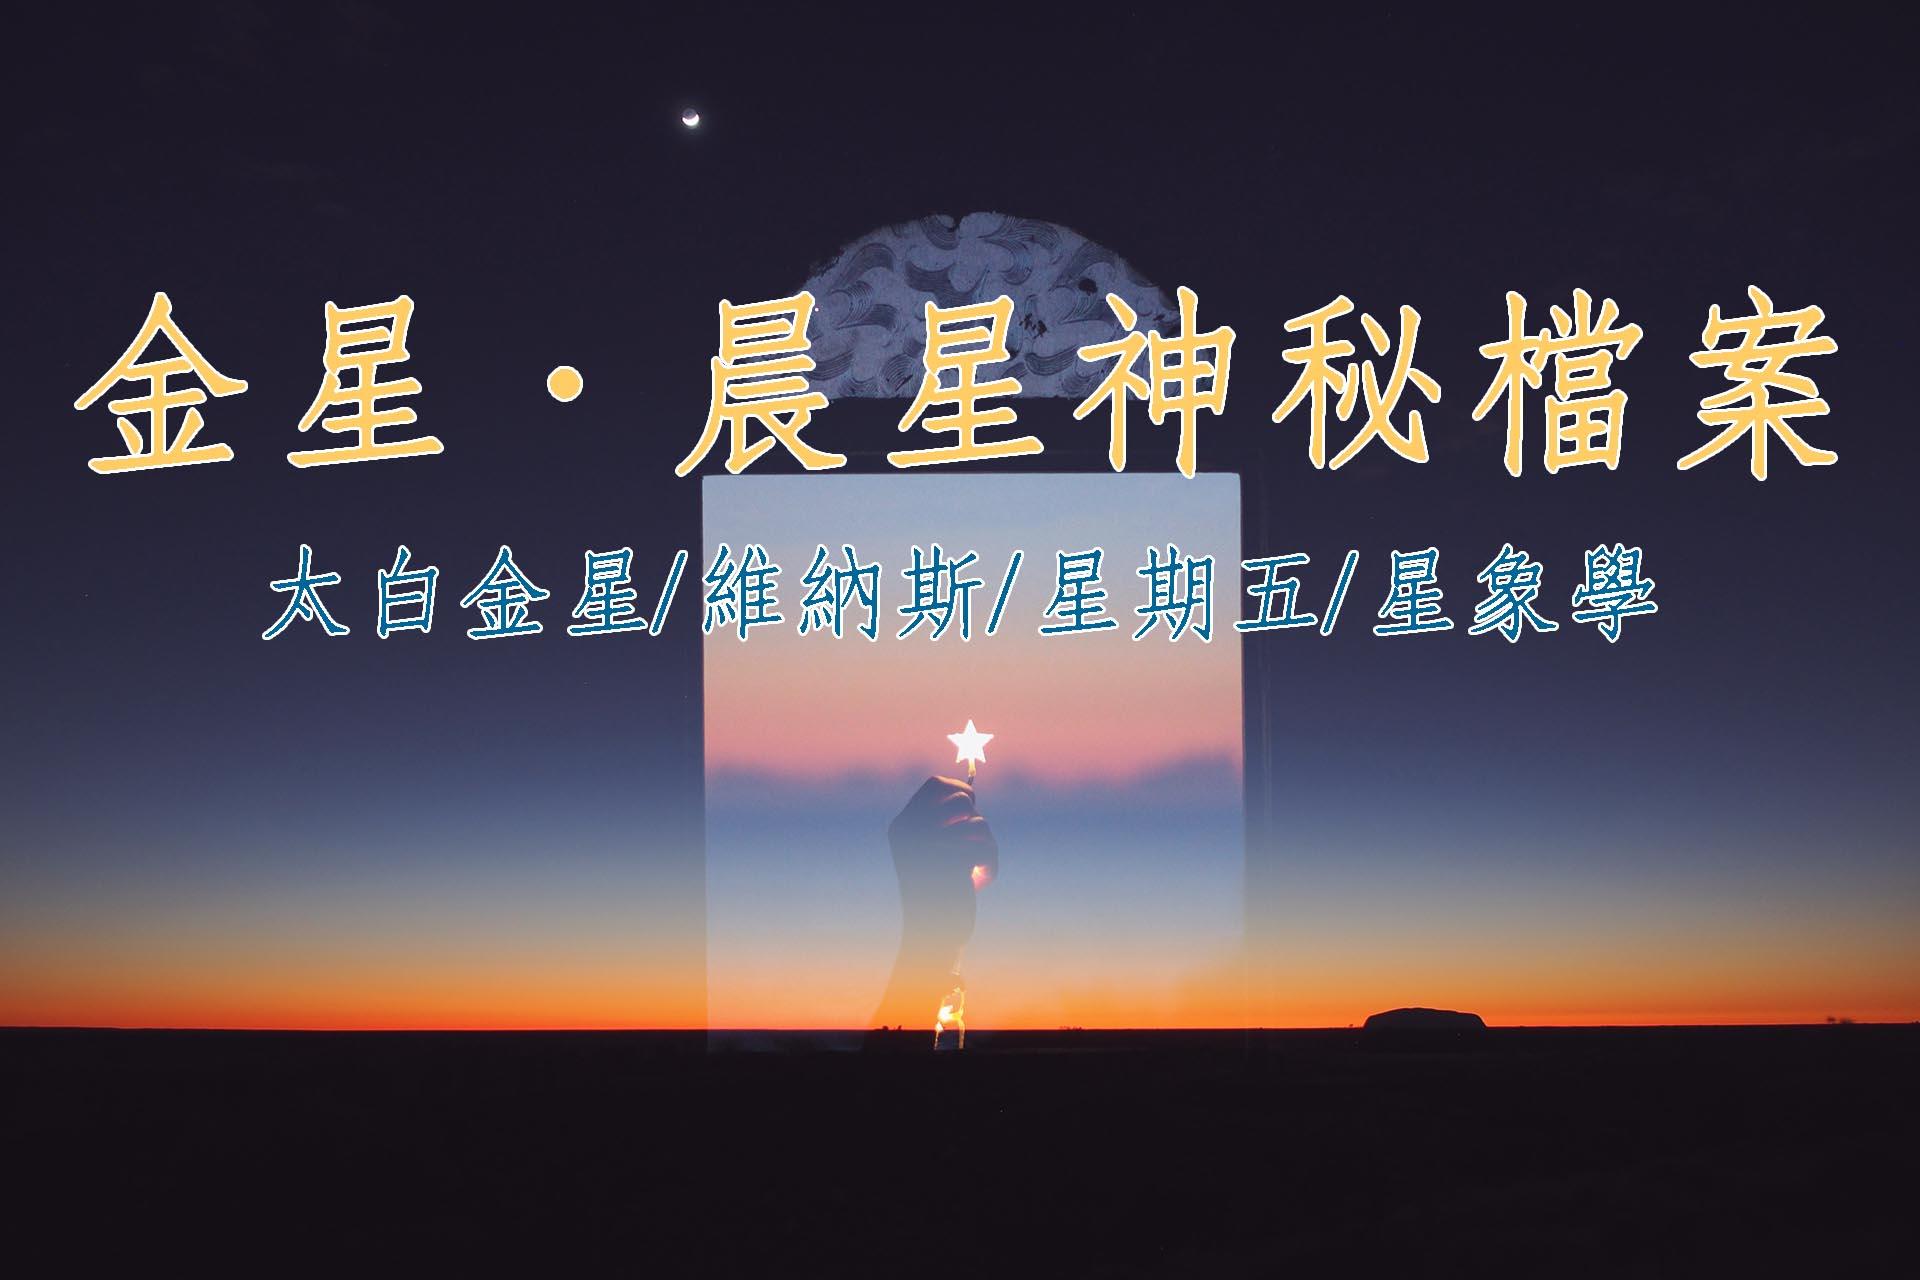 金星、晨星、太白金星:讓整個宇宙都安靜下來